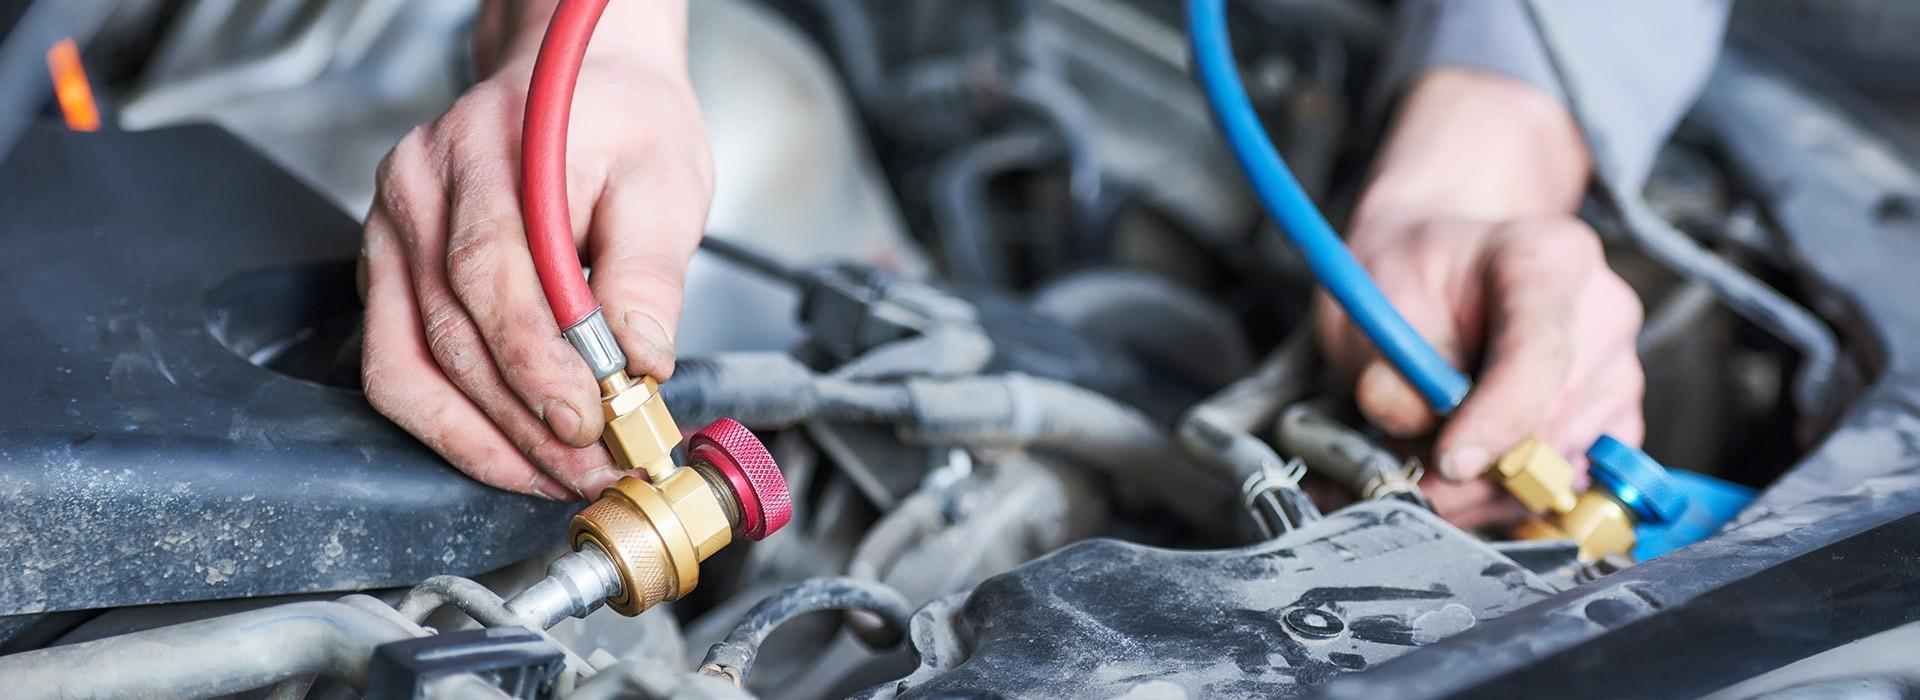 Importanța sistemului de climatizare pe mașinile moderne